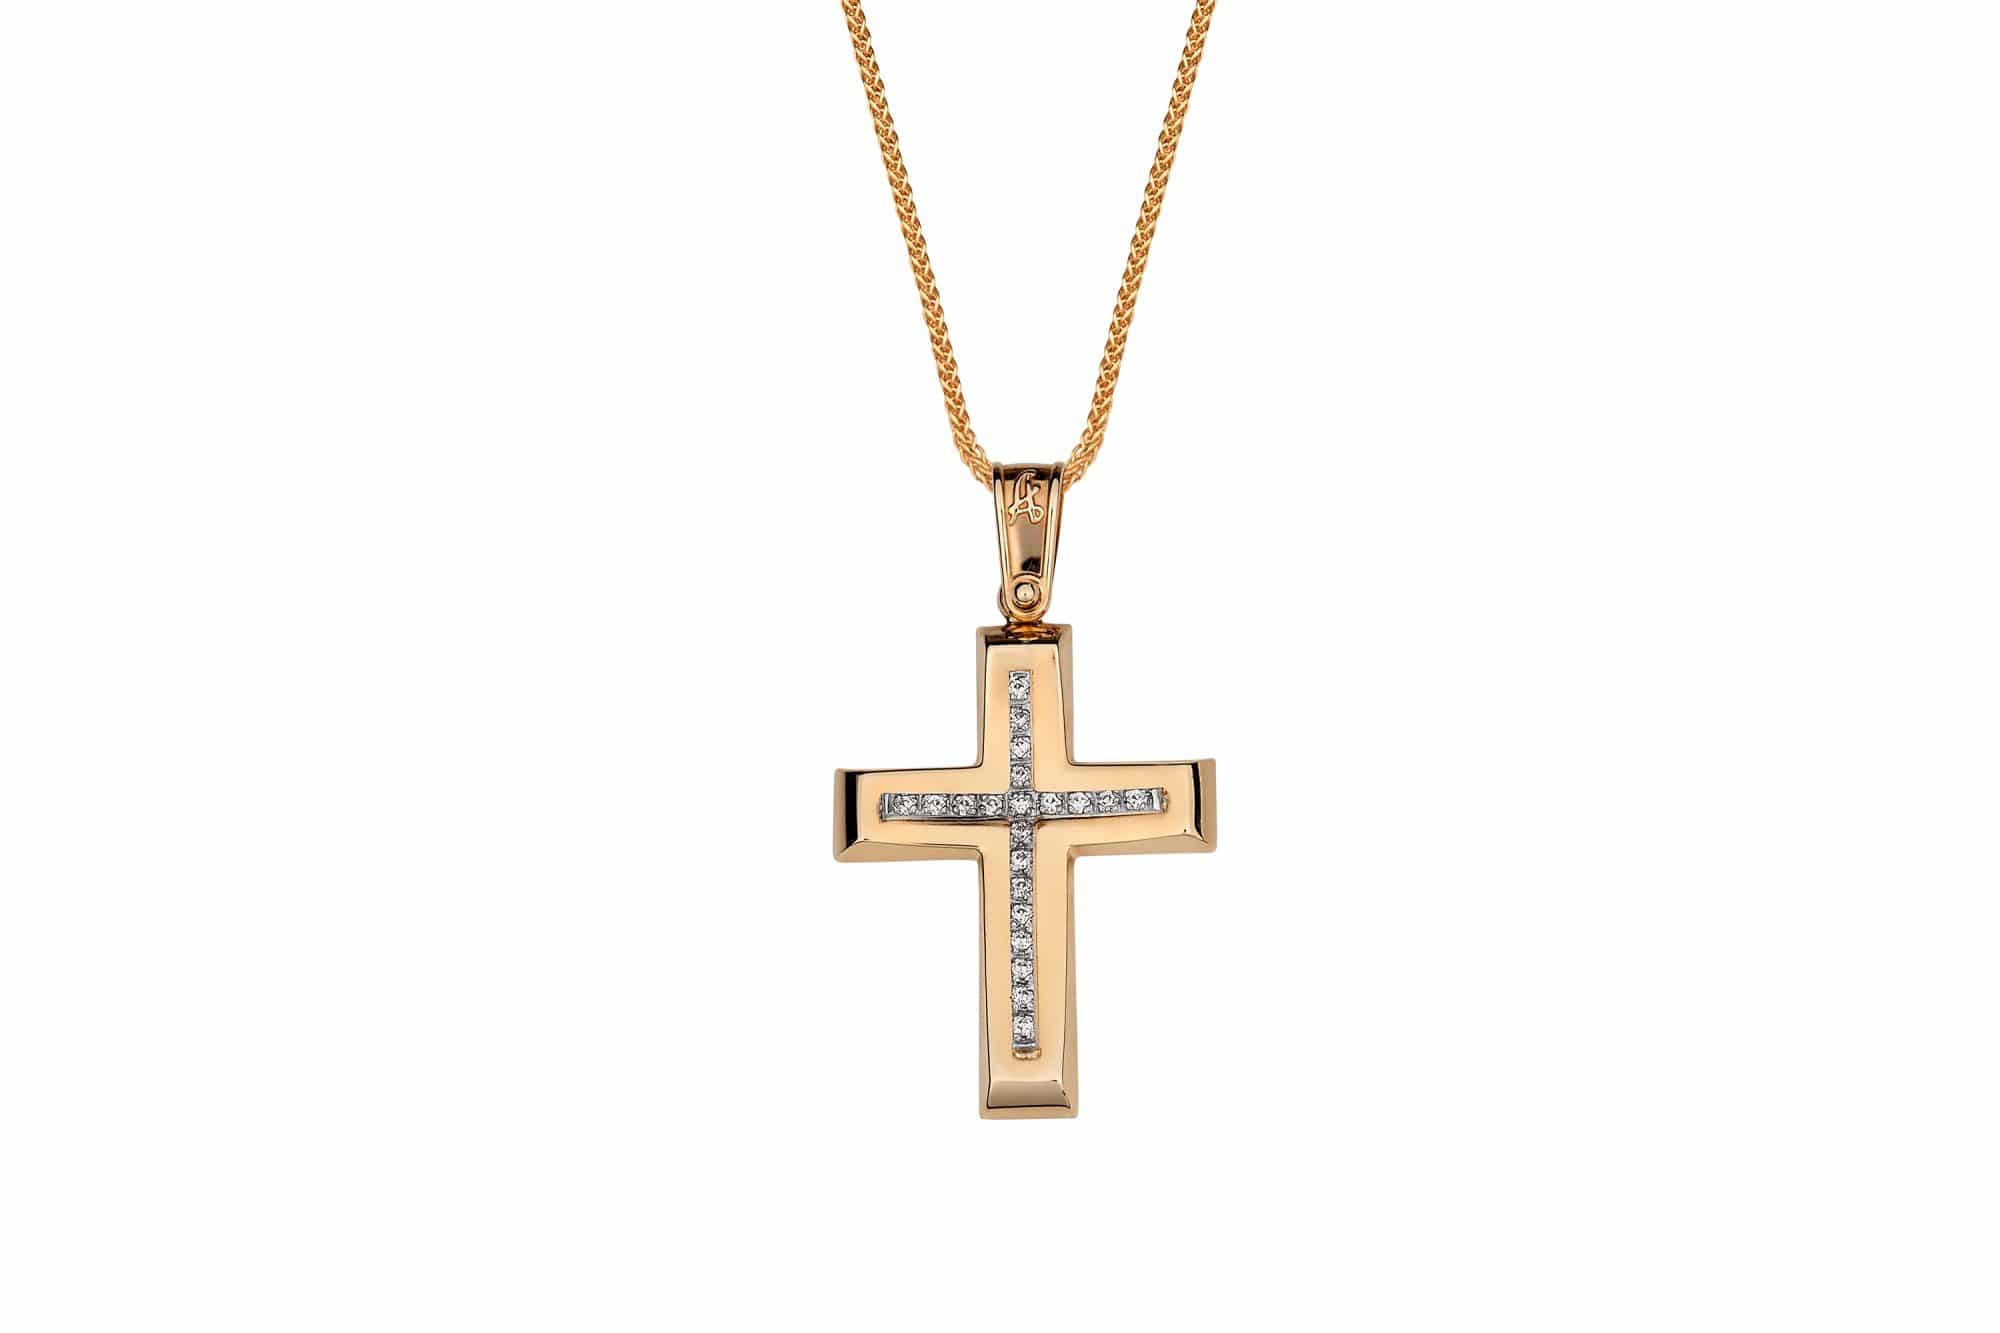 Σταυρός Χρυσός   Λευκόχρυσος Με Ζιργκόν • Jewelor 5411a82f244